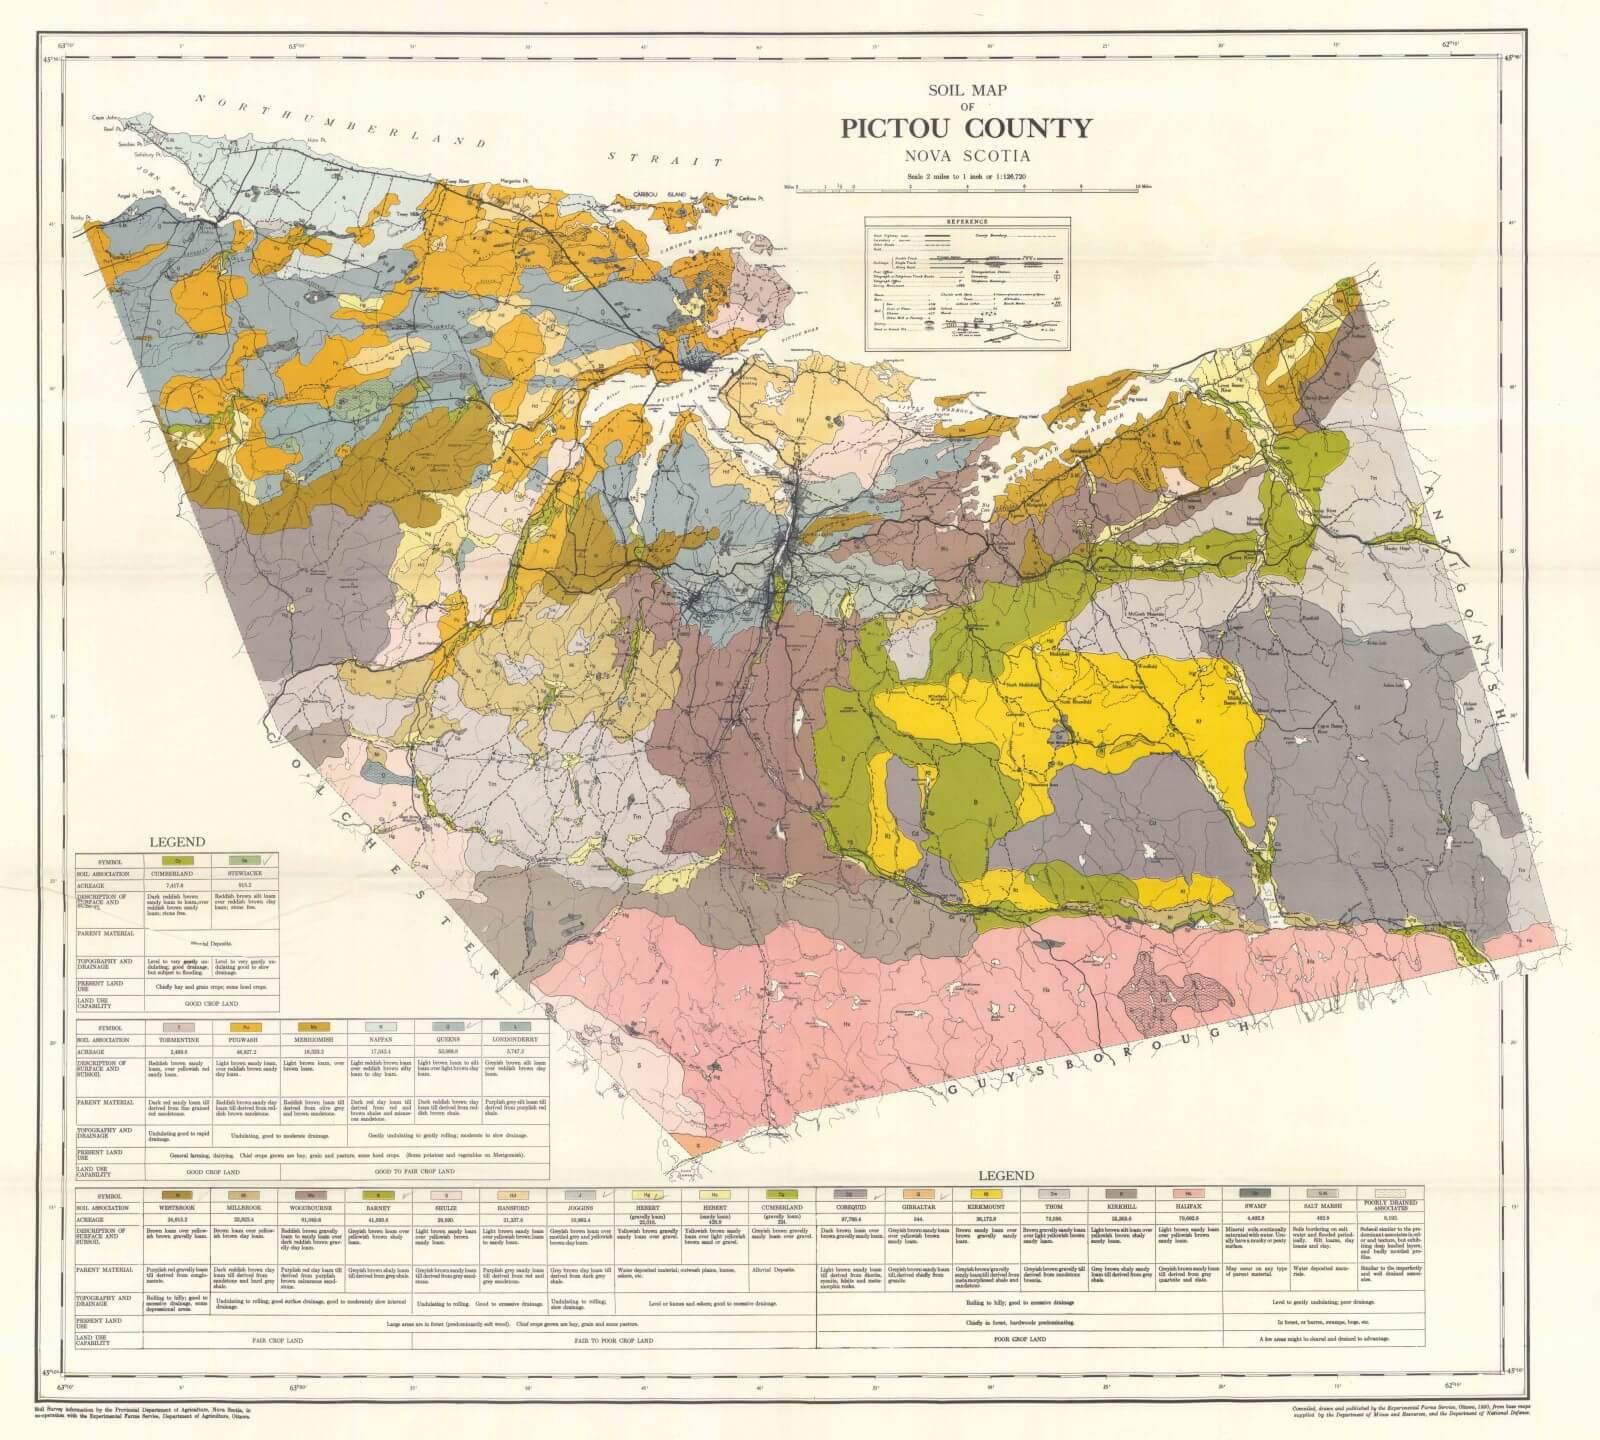 Pictou County Soils Map